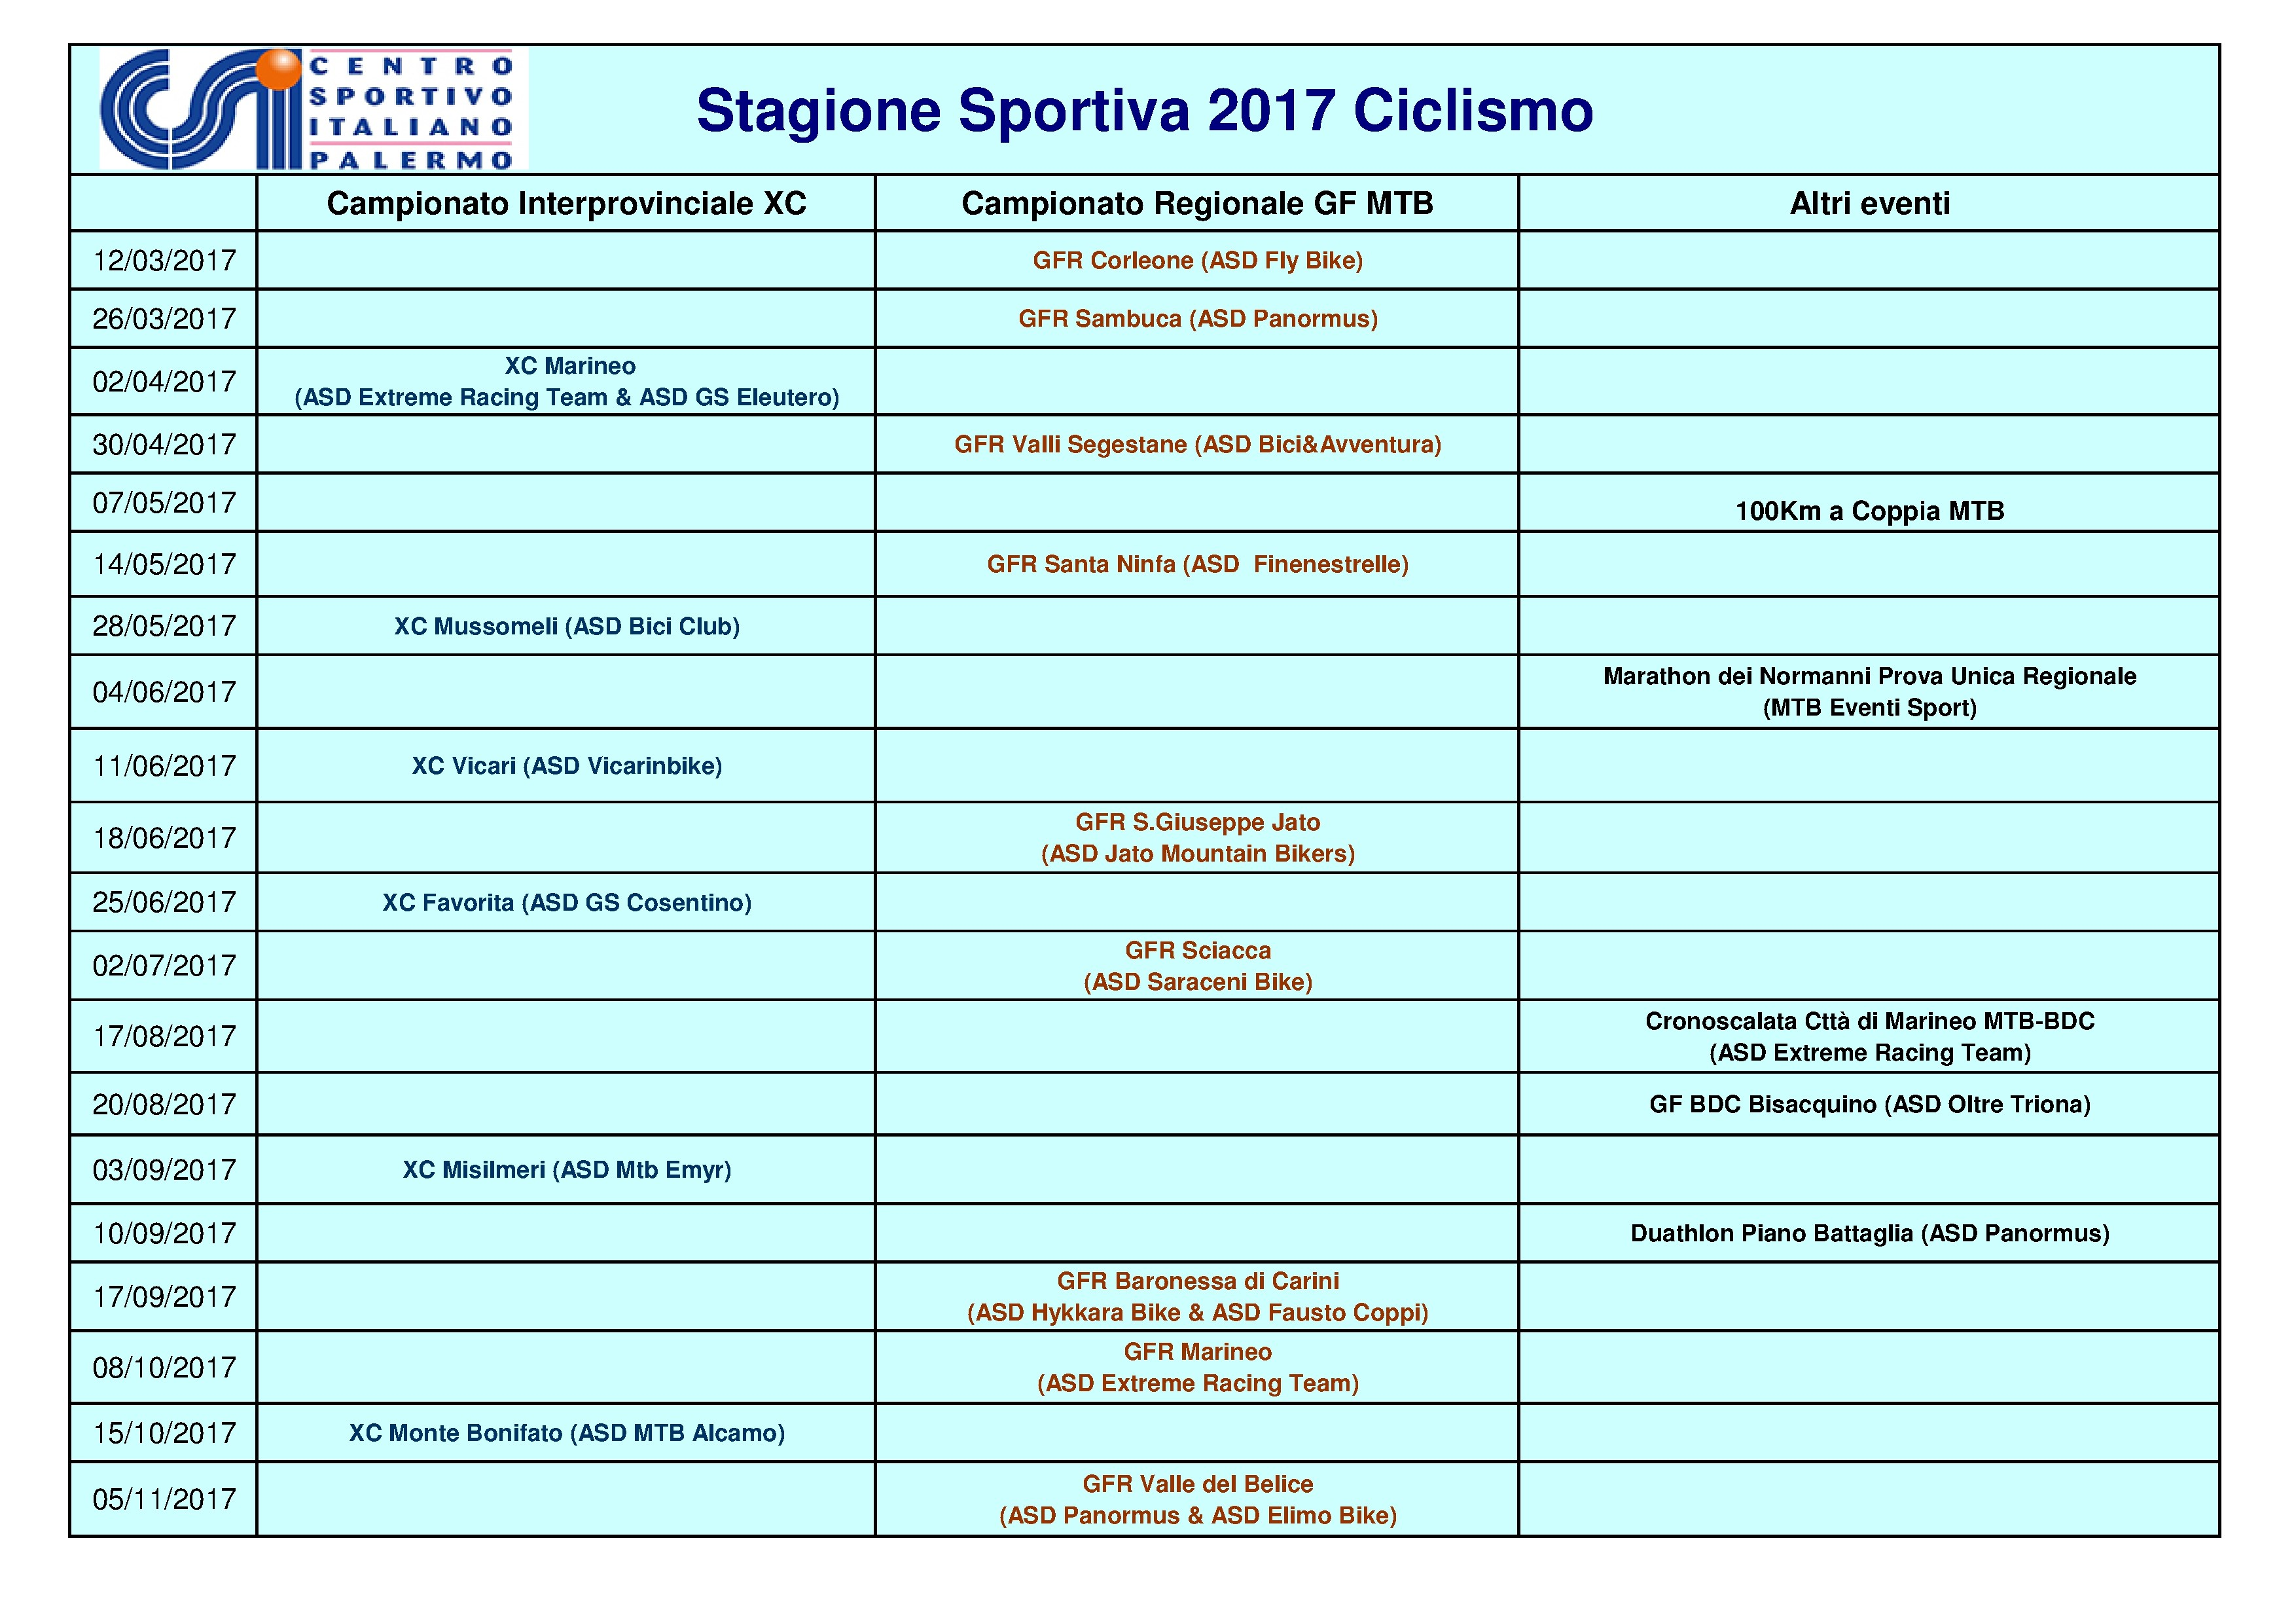 Calendario Csi.Calendario Stagione Sportiva 2017 Ciclismo Csi Palermo